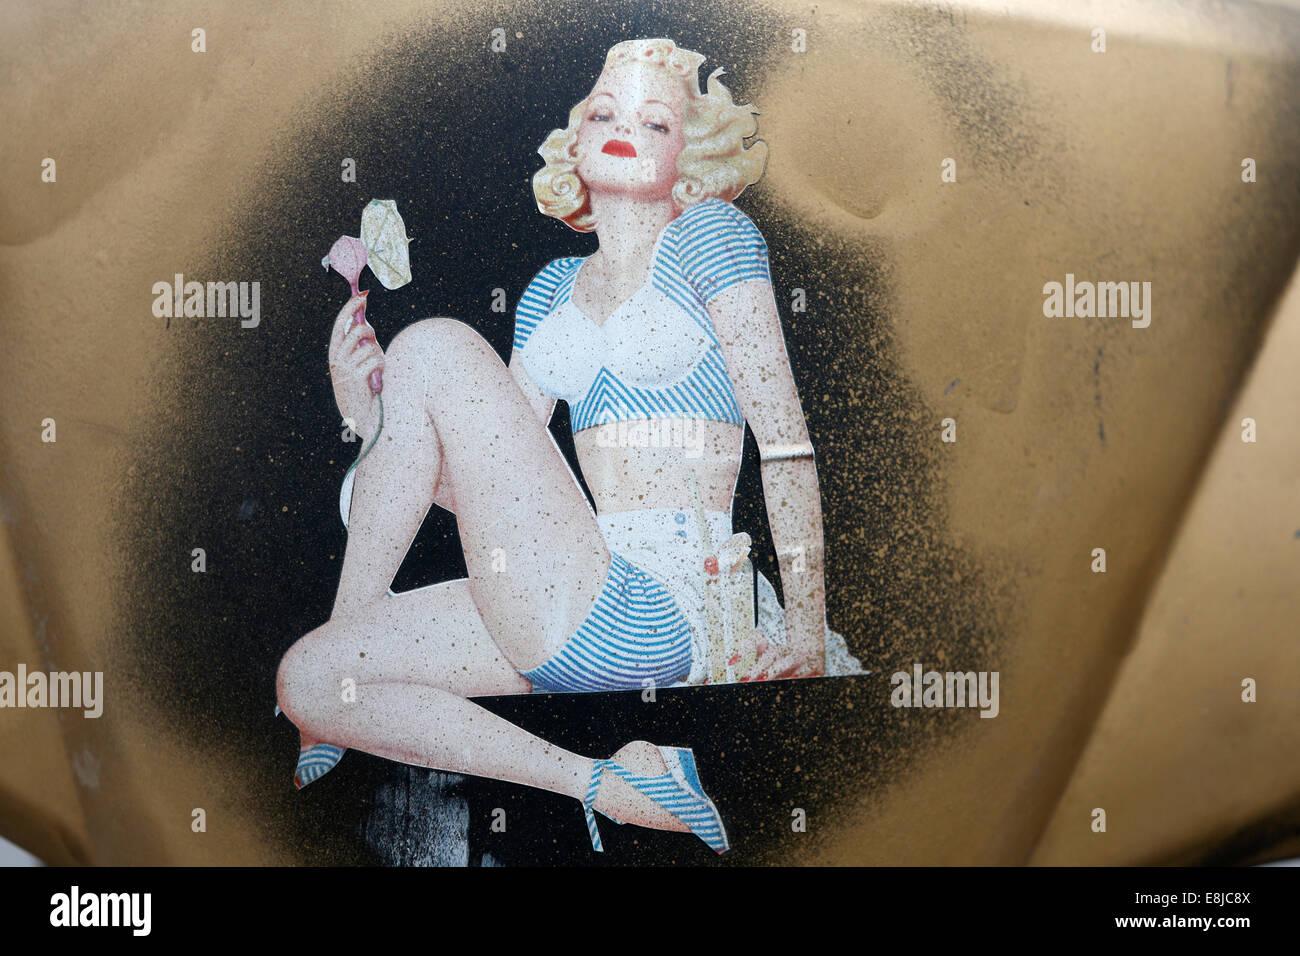 Aufkleber eines Pinup-Mädchen in den 50er Jahren. Stockbild